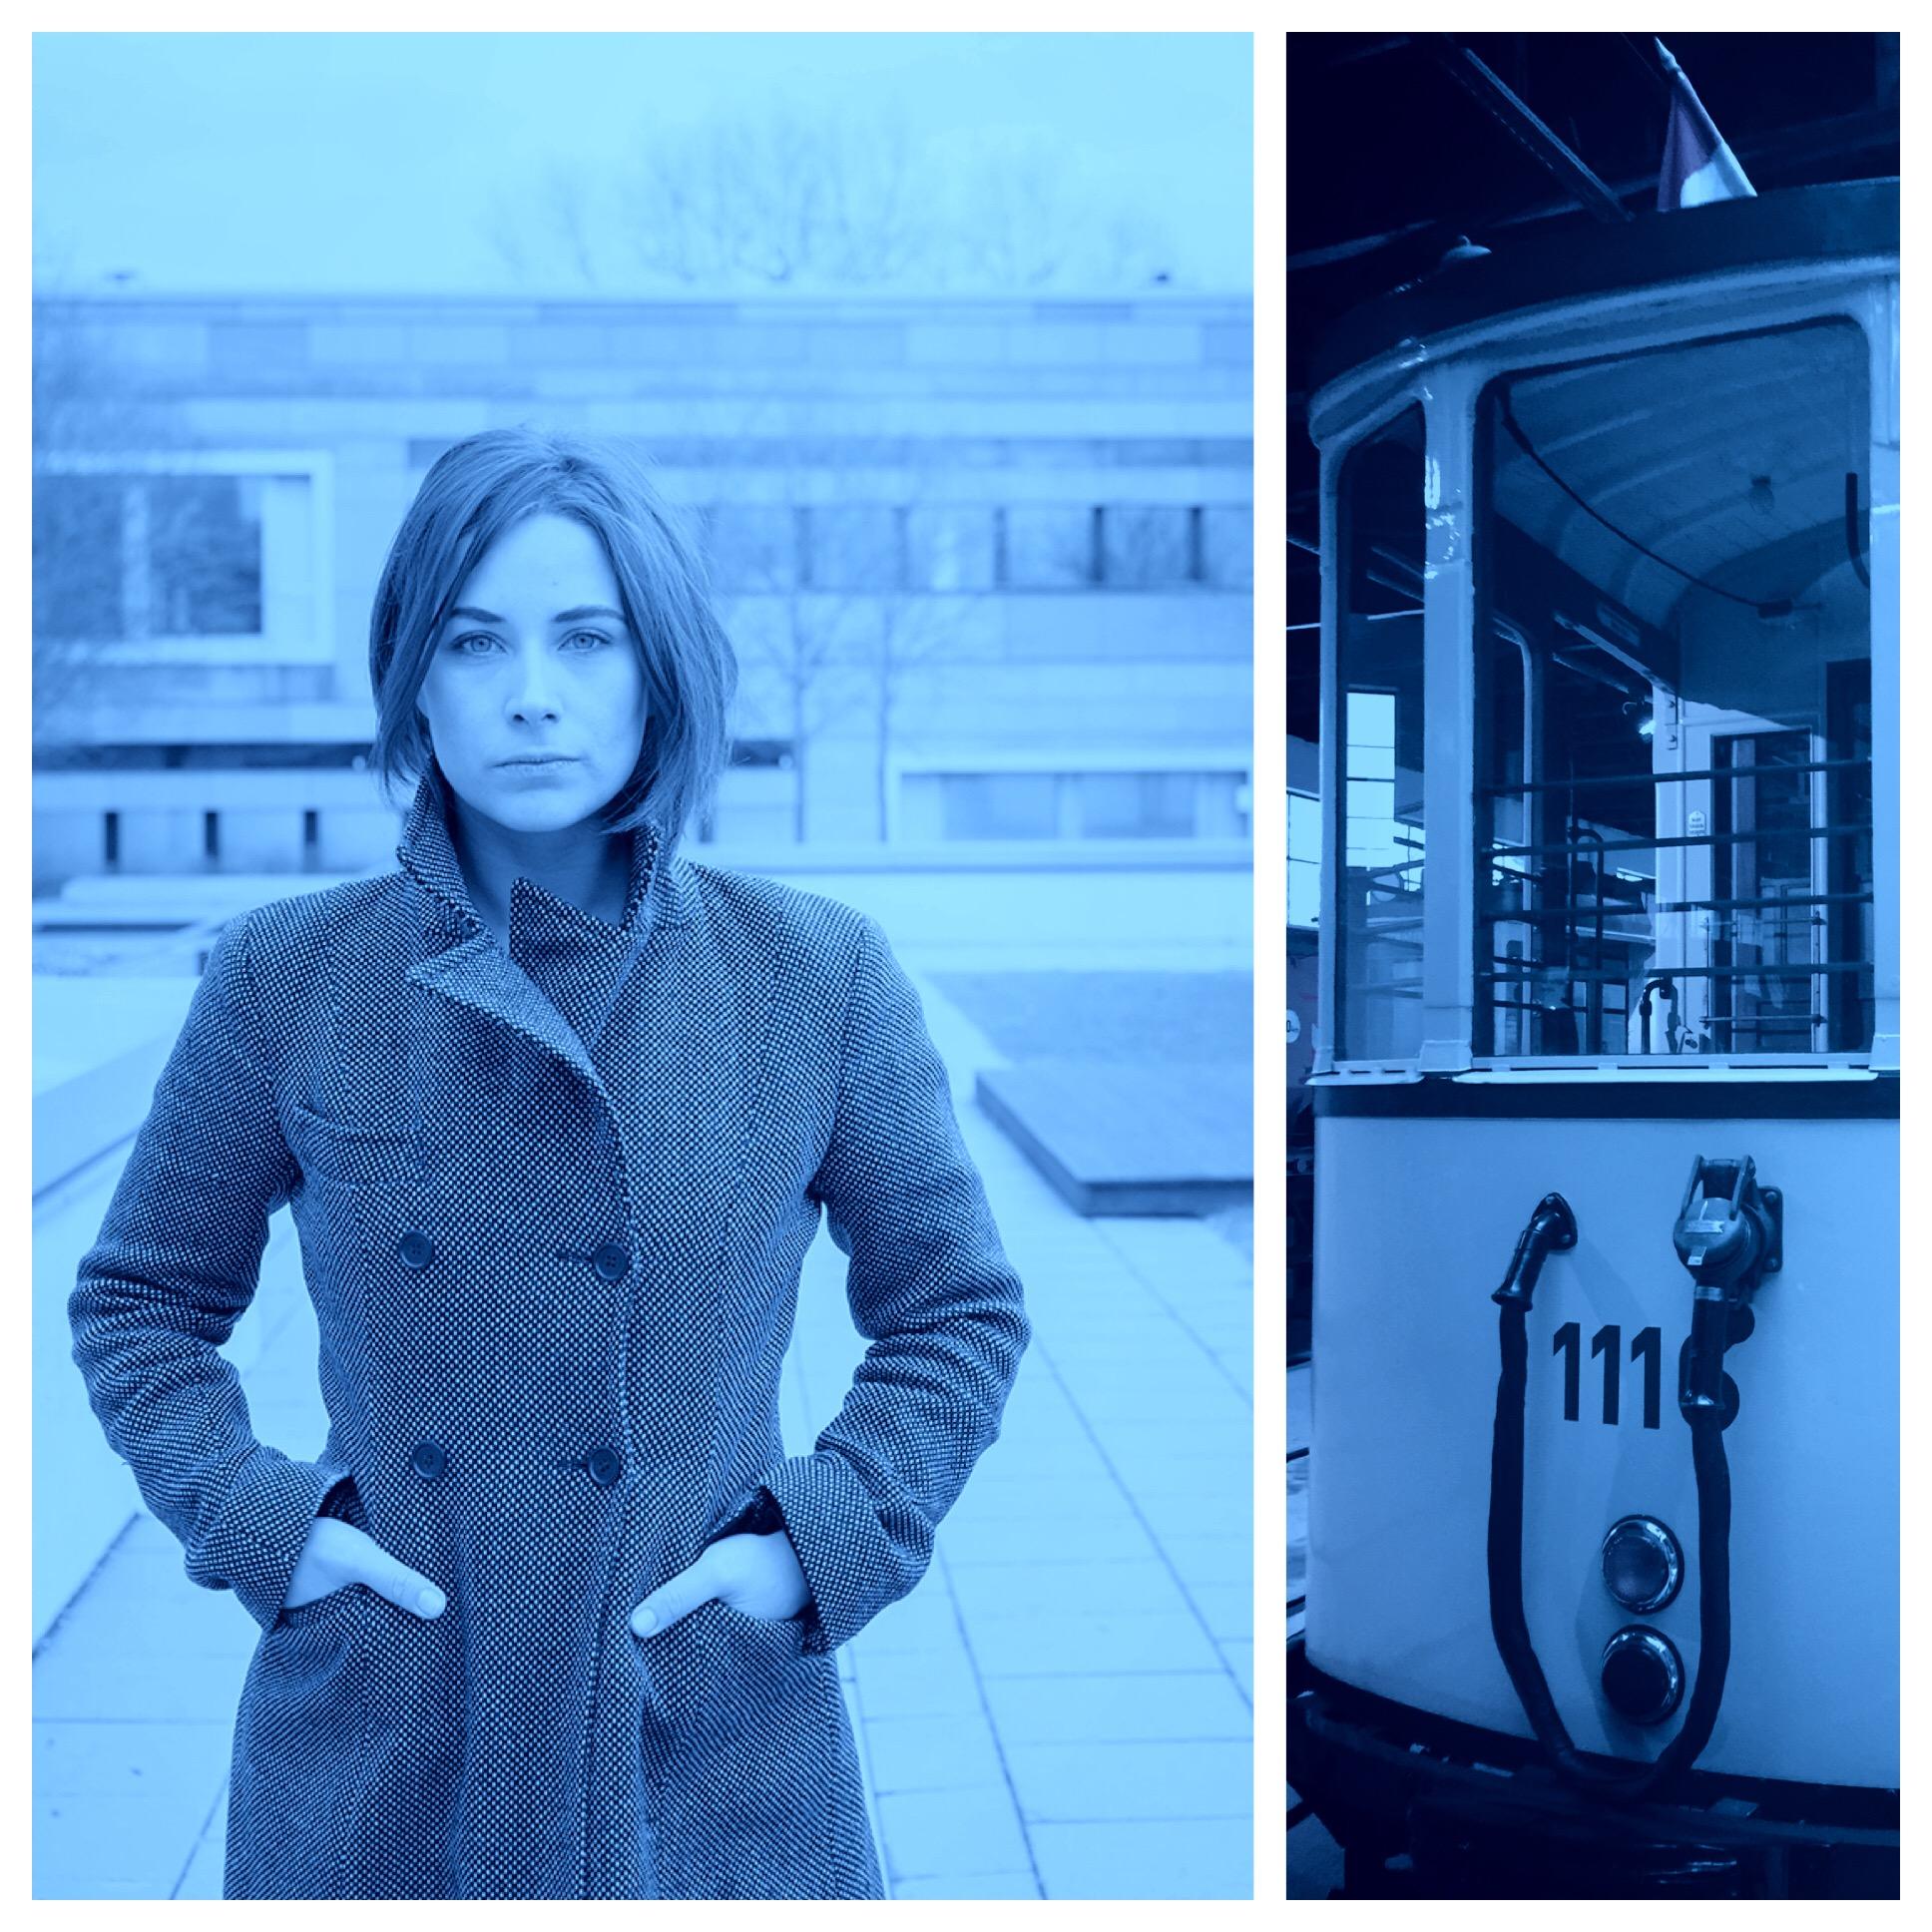 Johanna Steinhauser spielt für Leo N. In der Blauen Nacht 2019